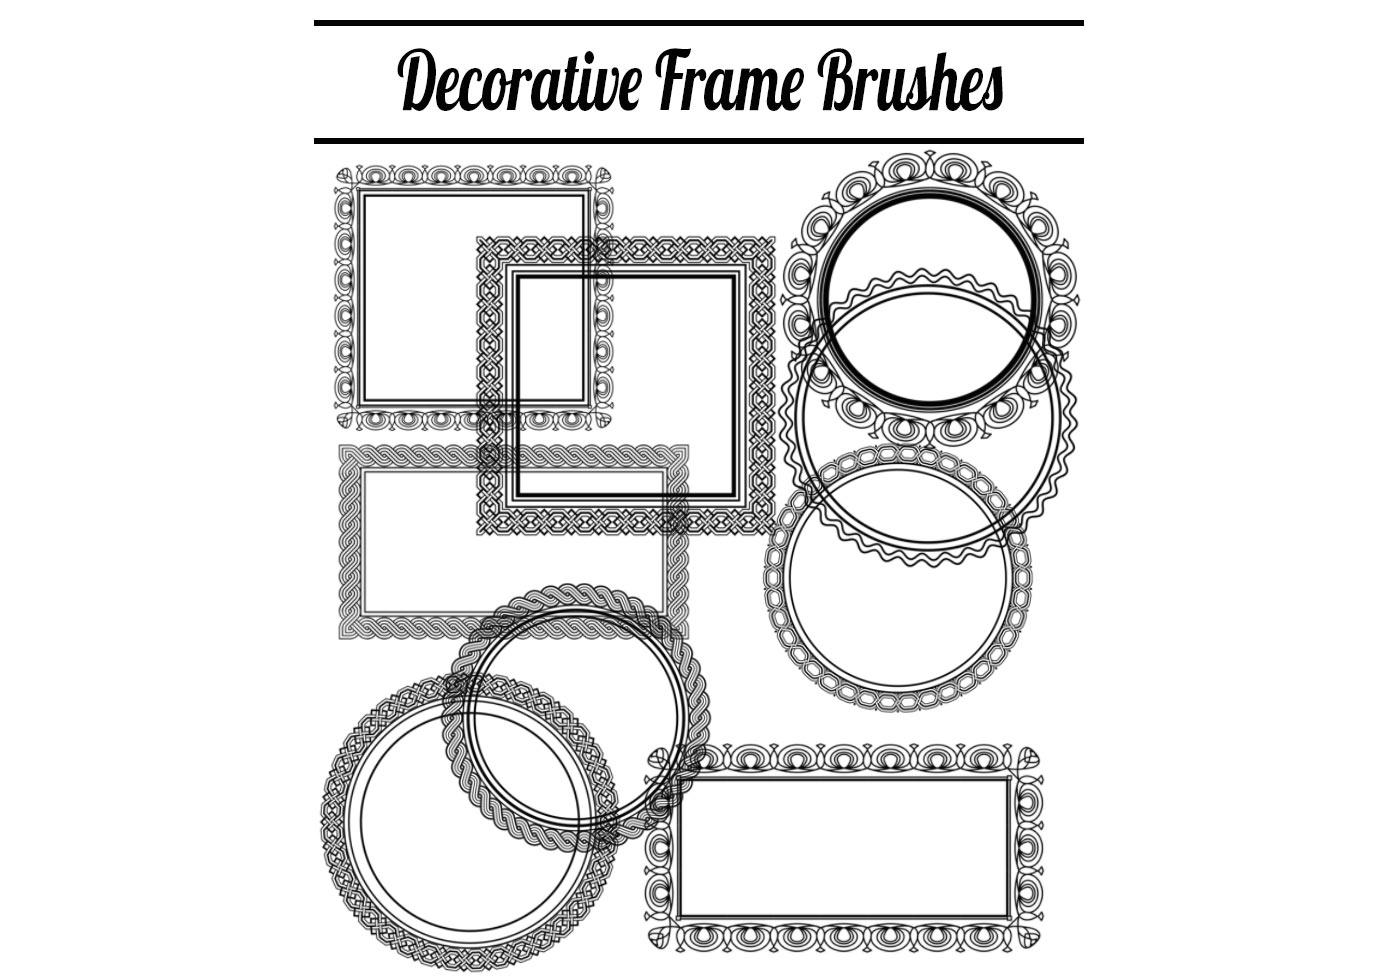 Decorative Frame Brushes Free Photoshop Brushes At